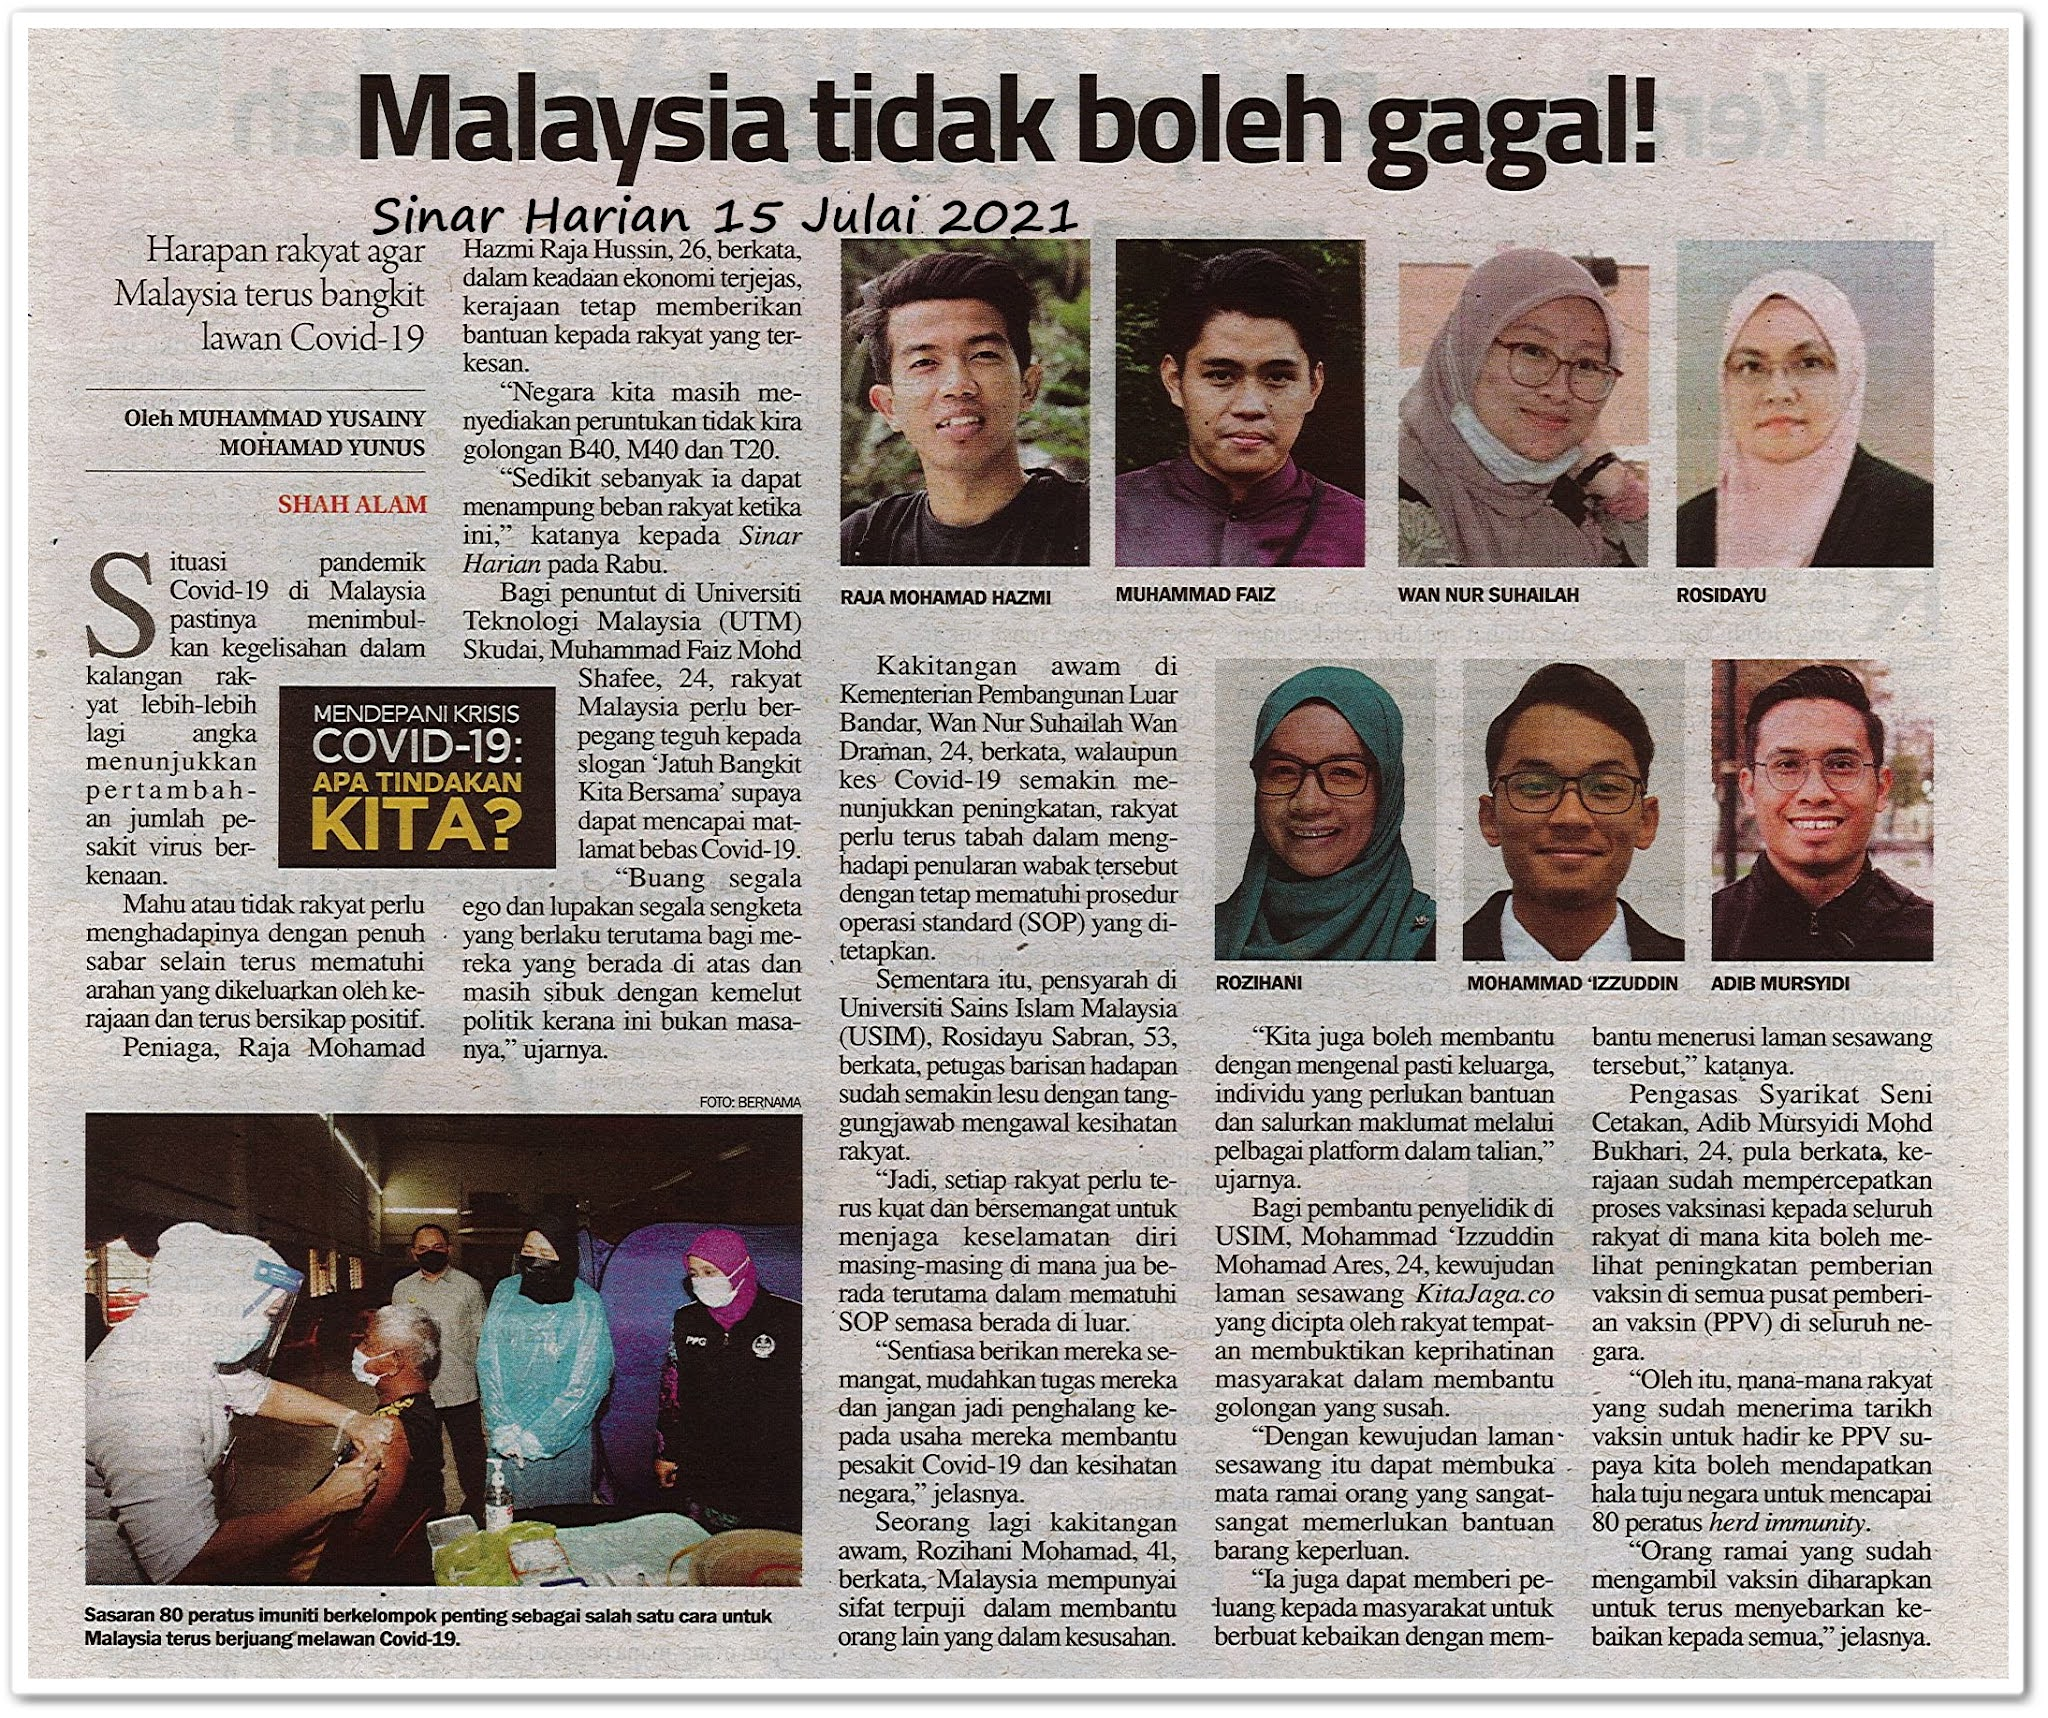 Malaysia tidak boleh gagal! - Keratan akhbar Sinar Harian 15 Julai 2021